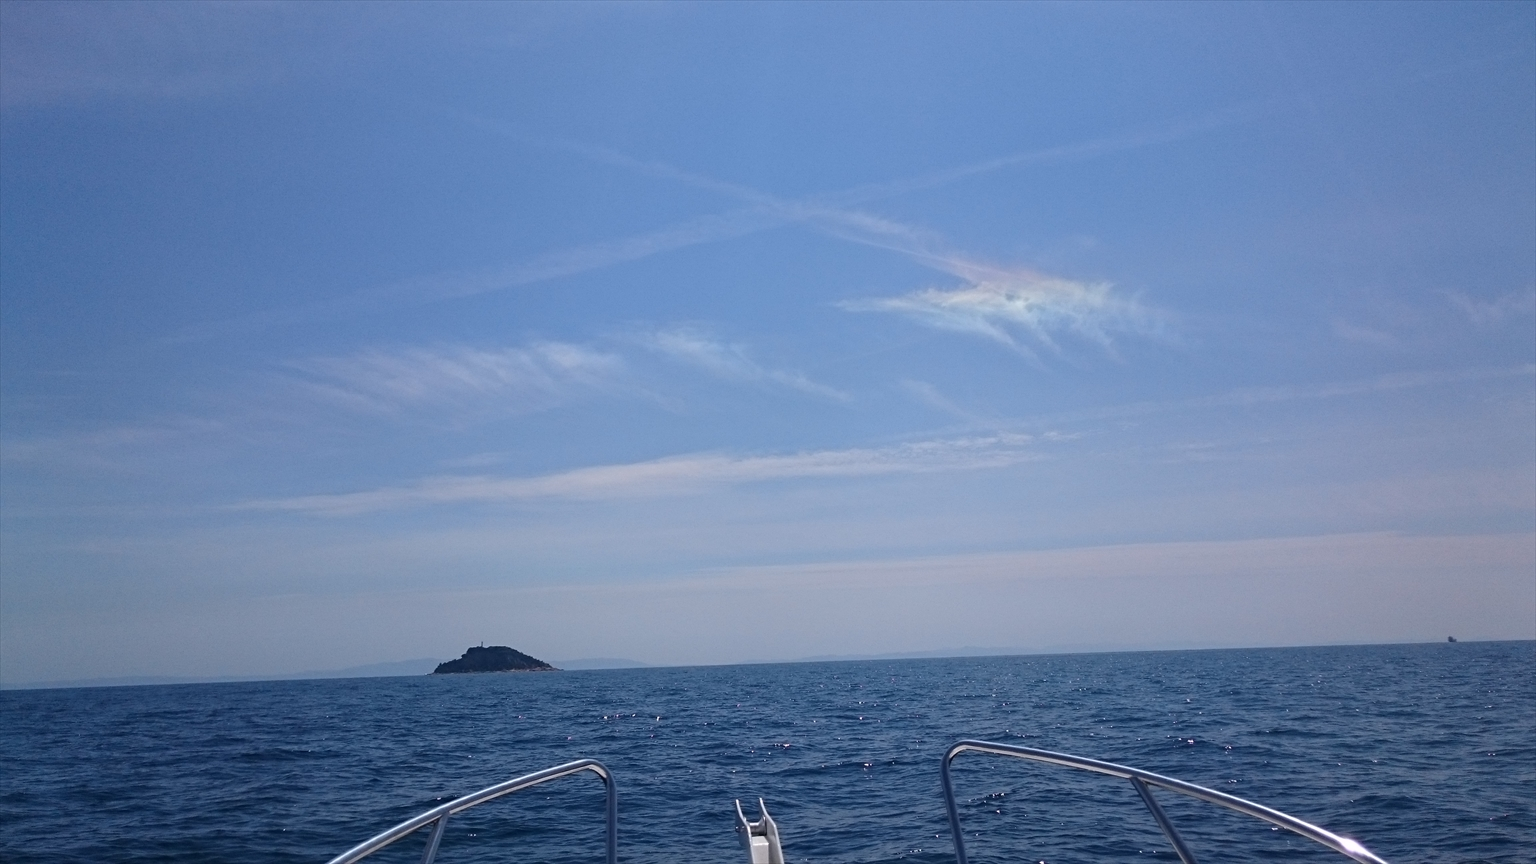 「彩雲」でしたっけ?虹色の雲を発見し、テンションが上がってしまいました(笑)いいことあるかも♪